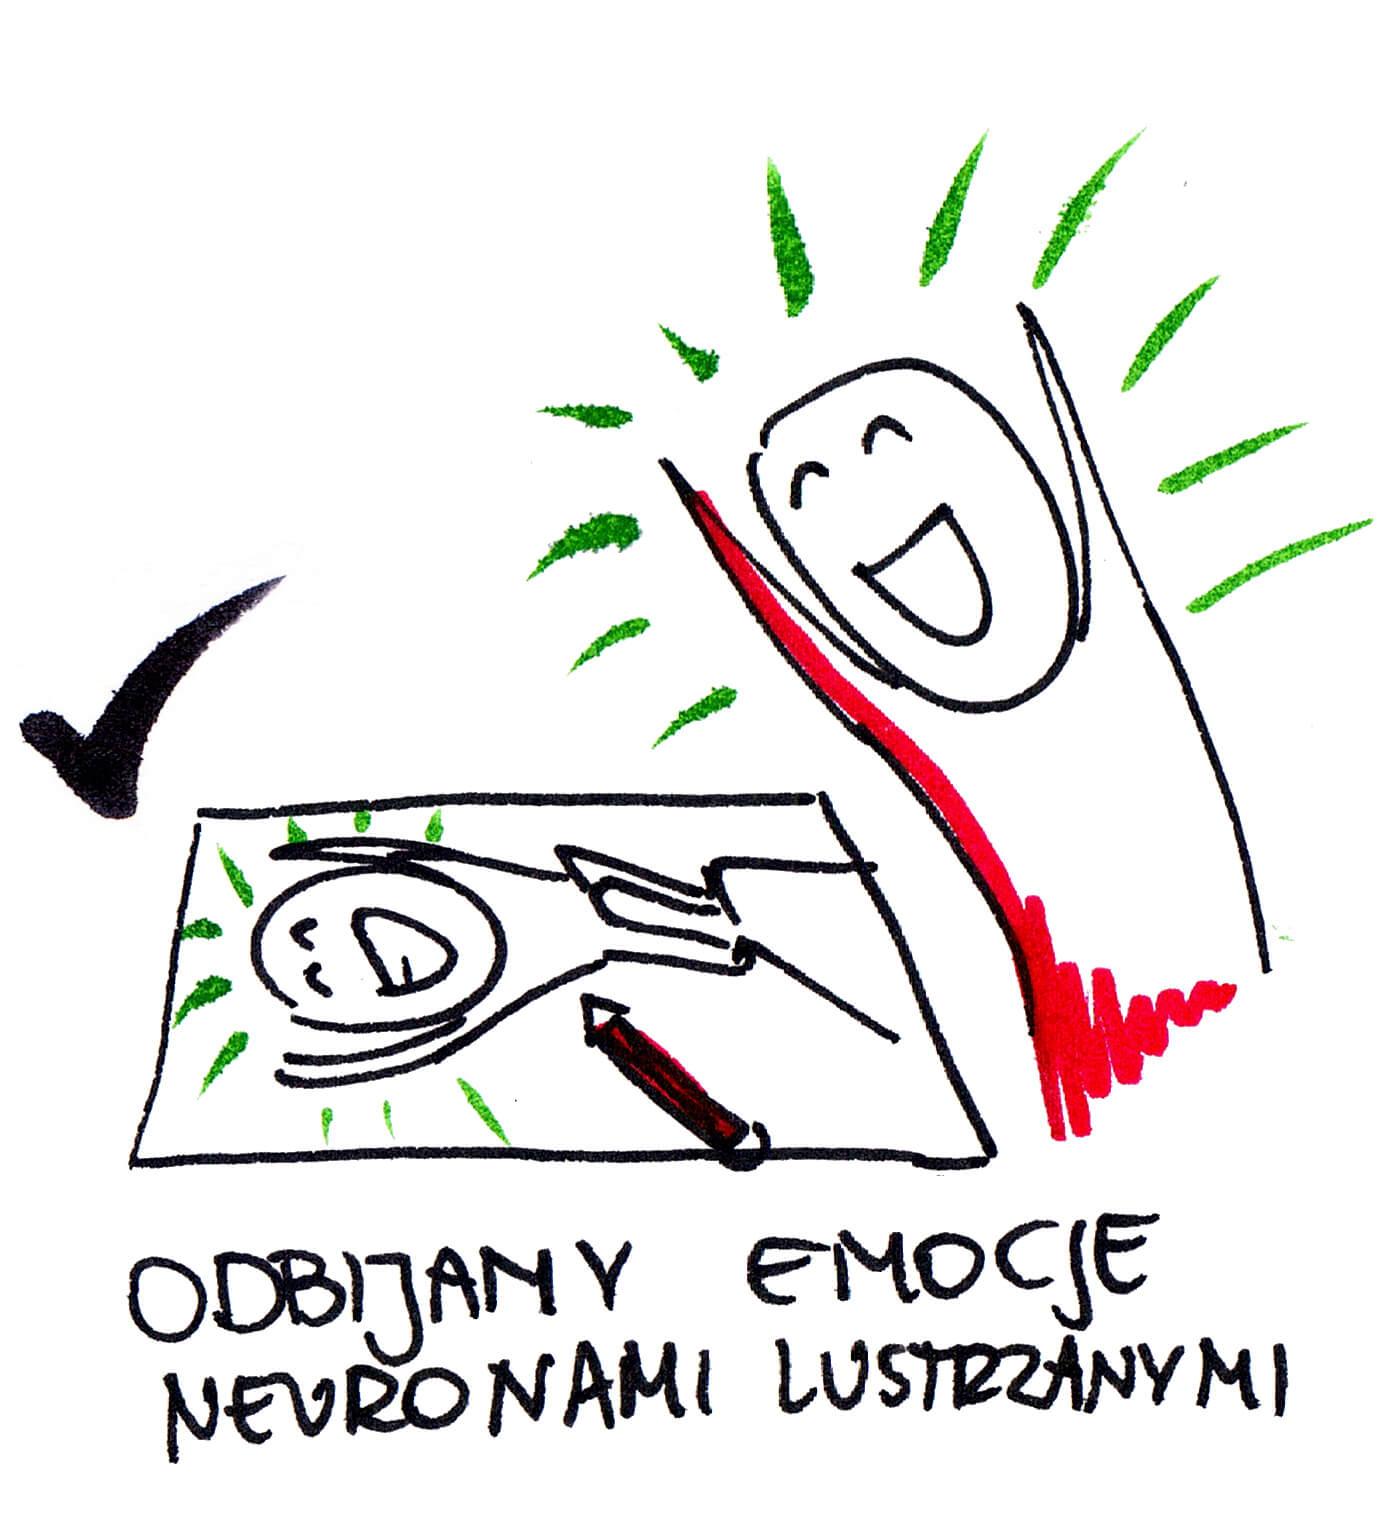 7. neurony lustrzane uruchamiane przy rysowaniu klaudia tolman